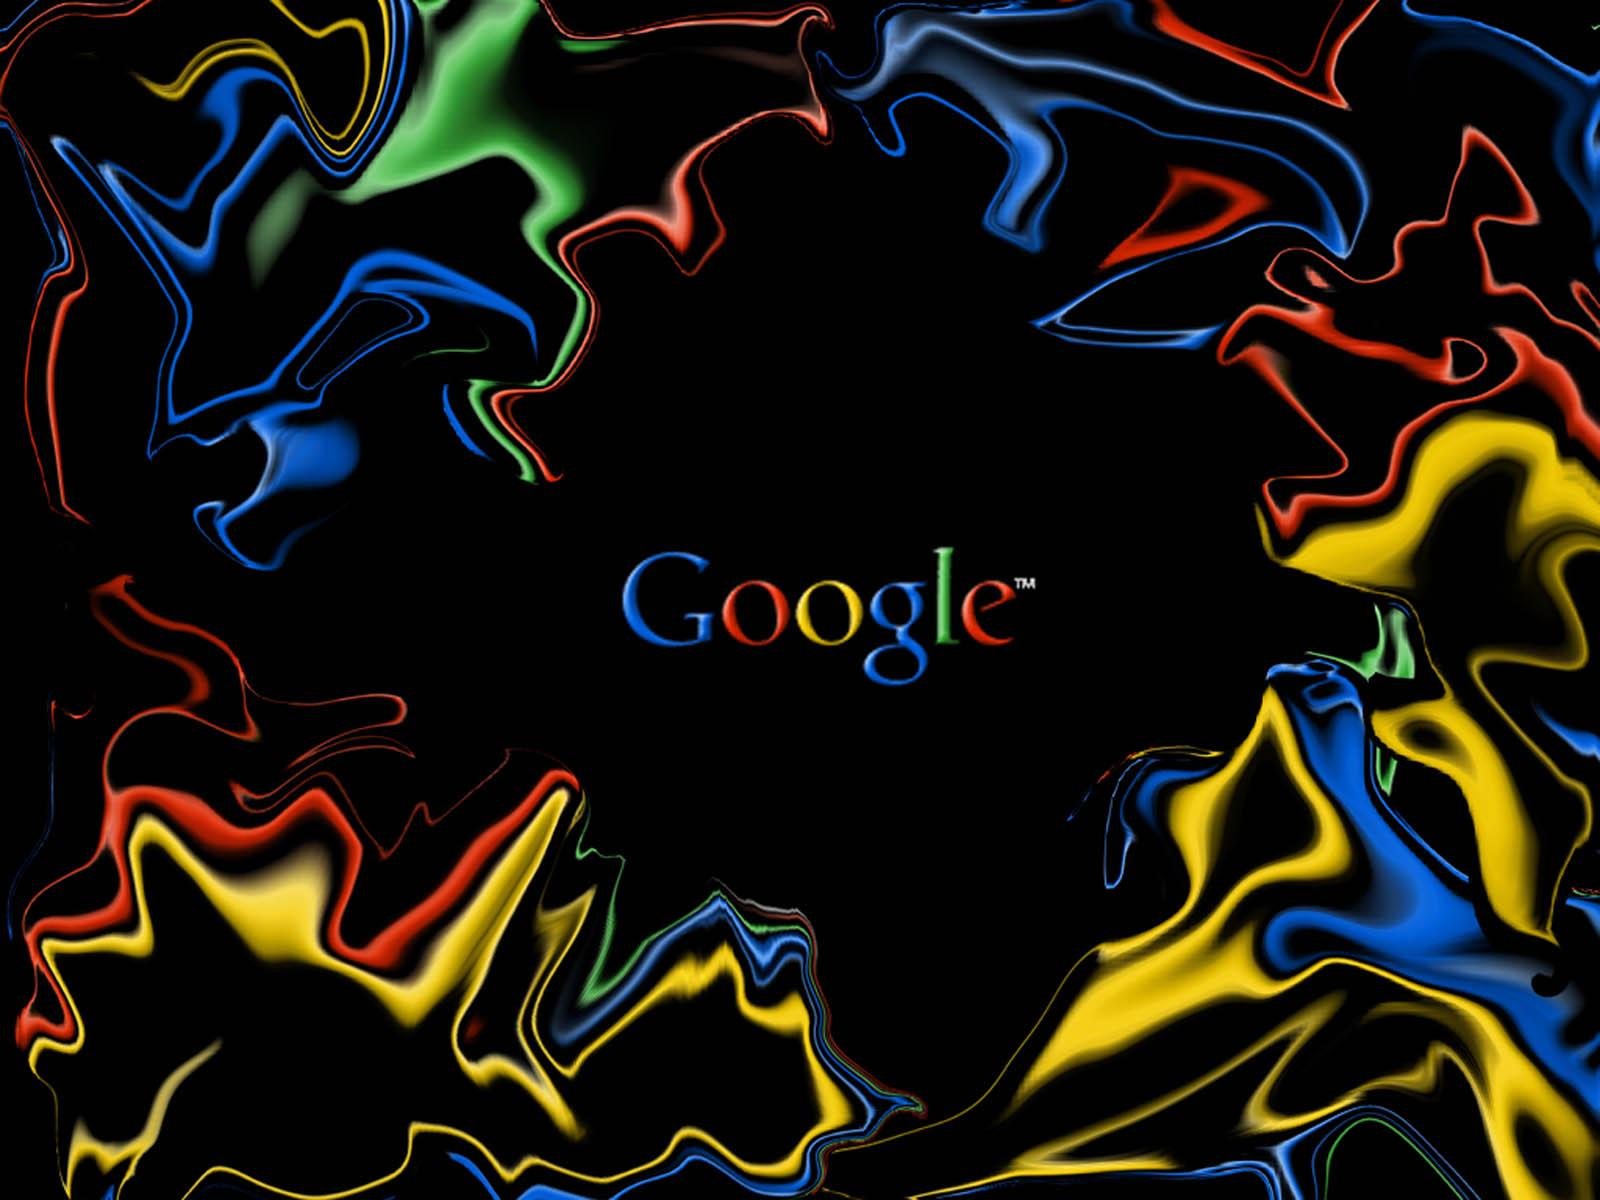 google desktop backgrounds google backgrounds for desktop and google 1600x1200